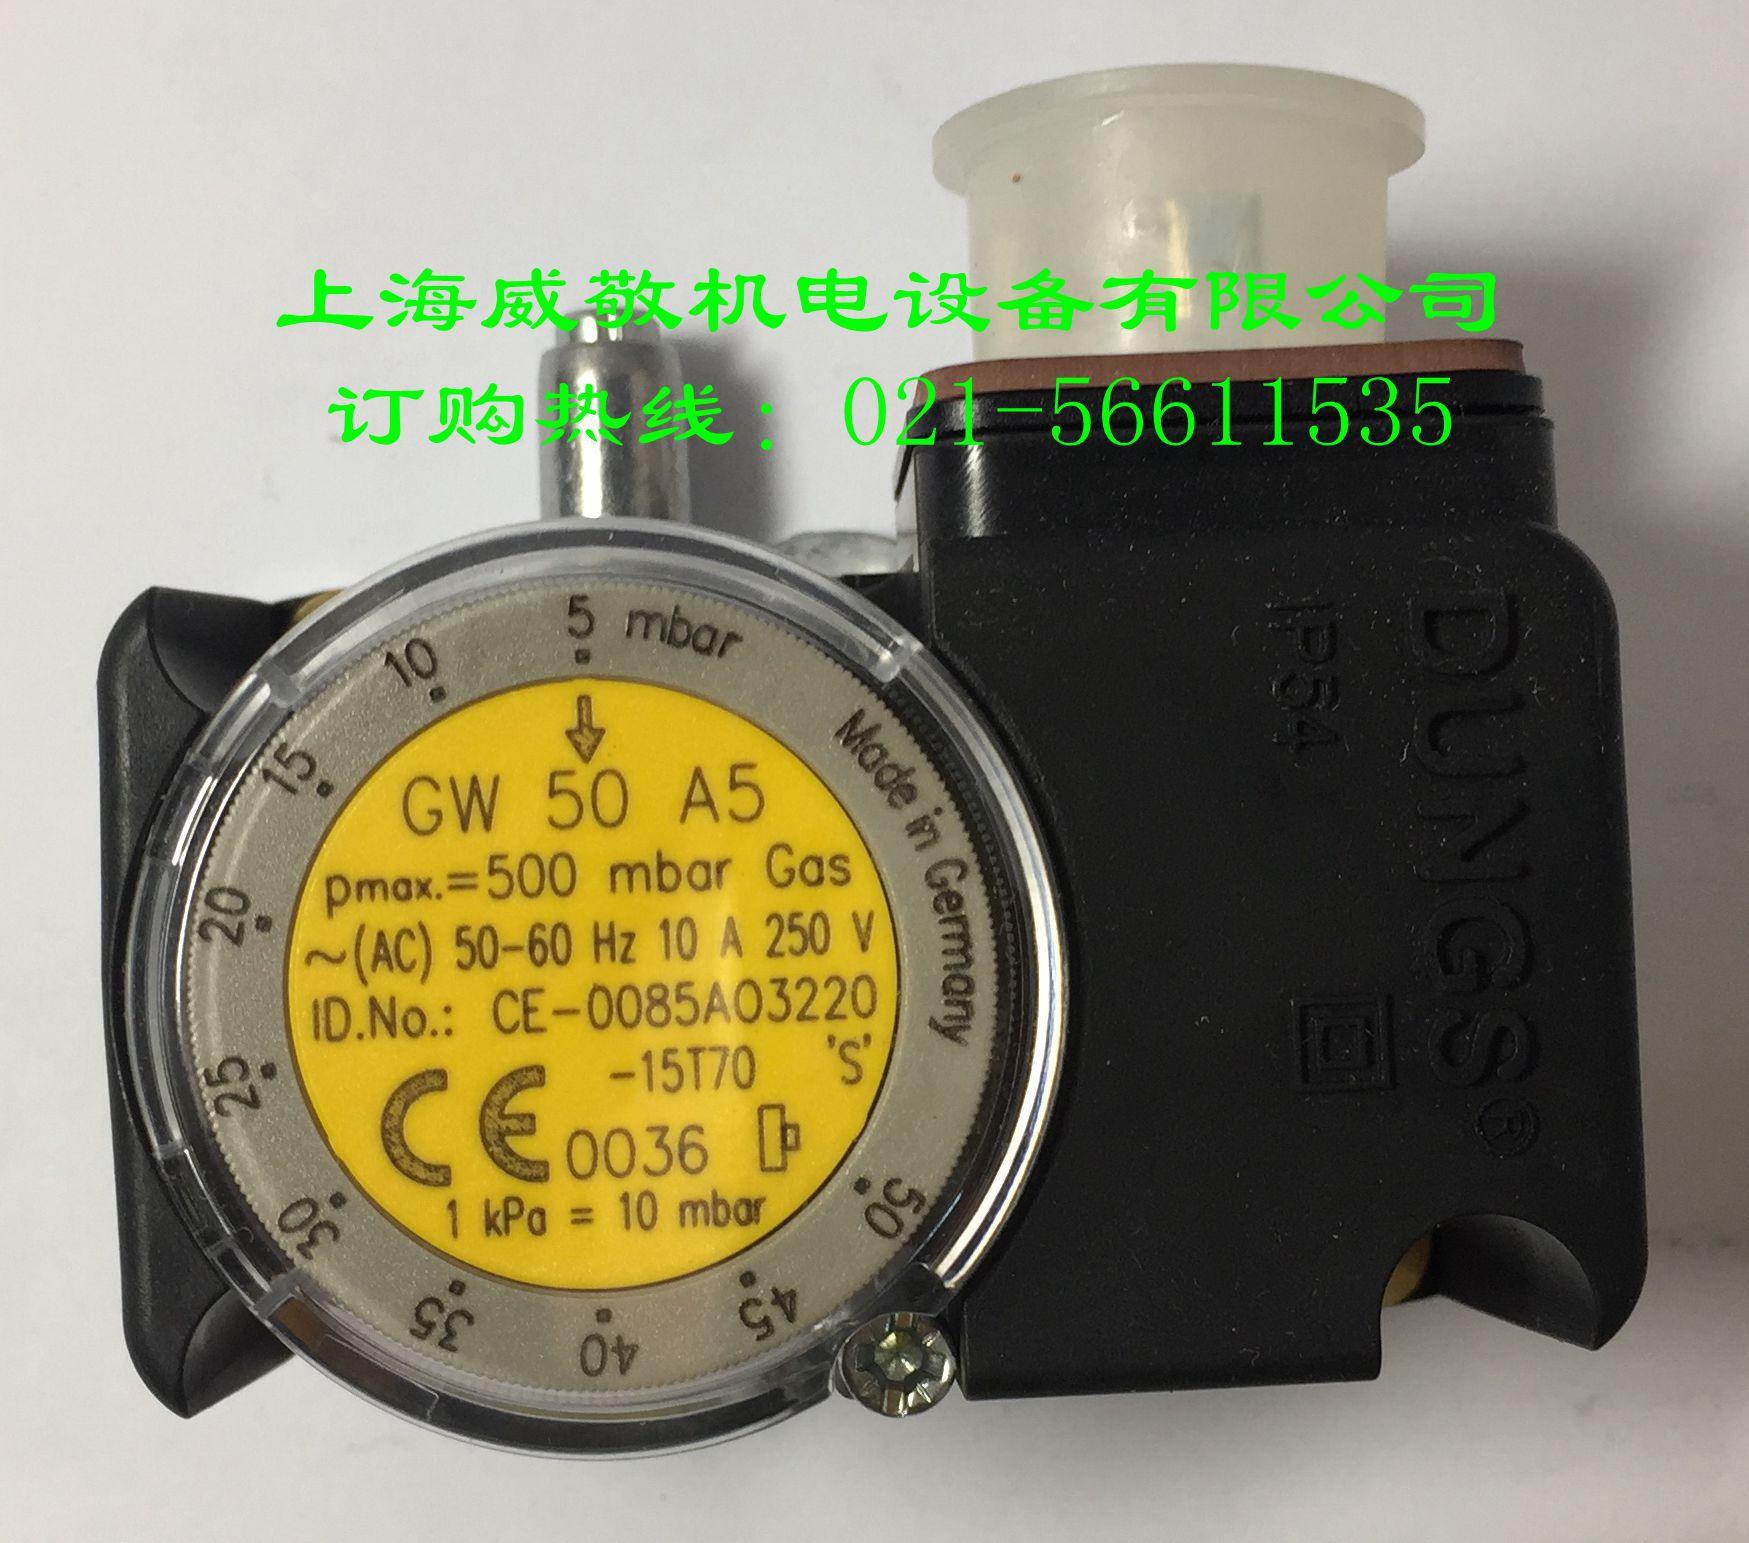 GW50A5